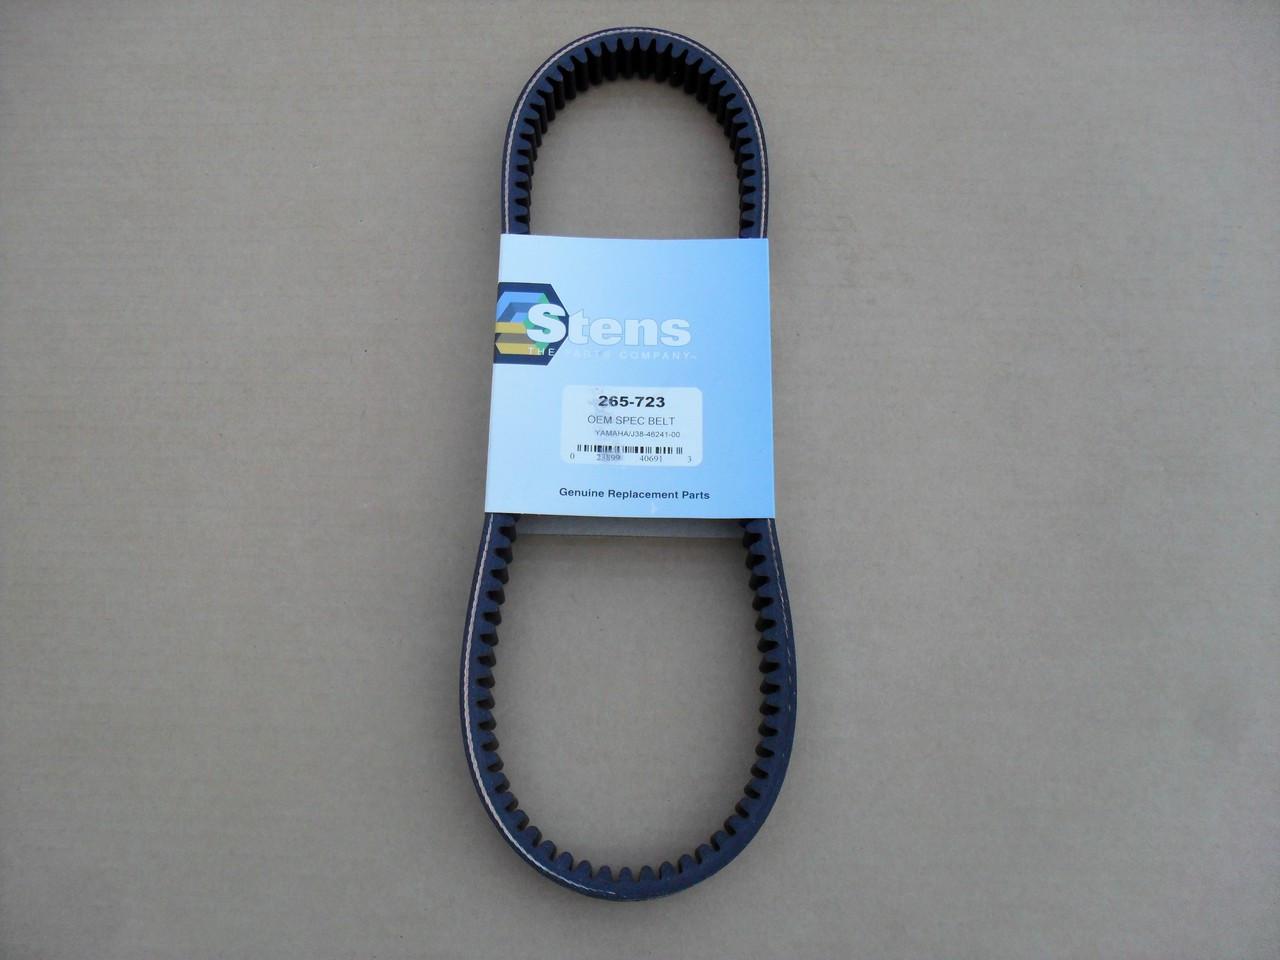 Drive Belt for Yamaha G2, G5, G8, G9, G11, G14, G16, G20, G21, G22, G23,  G27, G28, J384624100, J55G624100, J38-46241-00, J55-G6241-00 golf cart,  Made